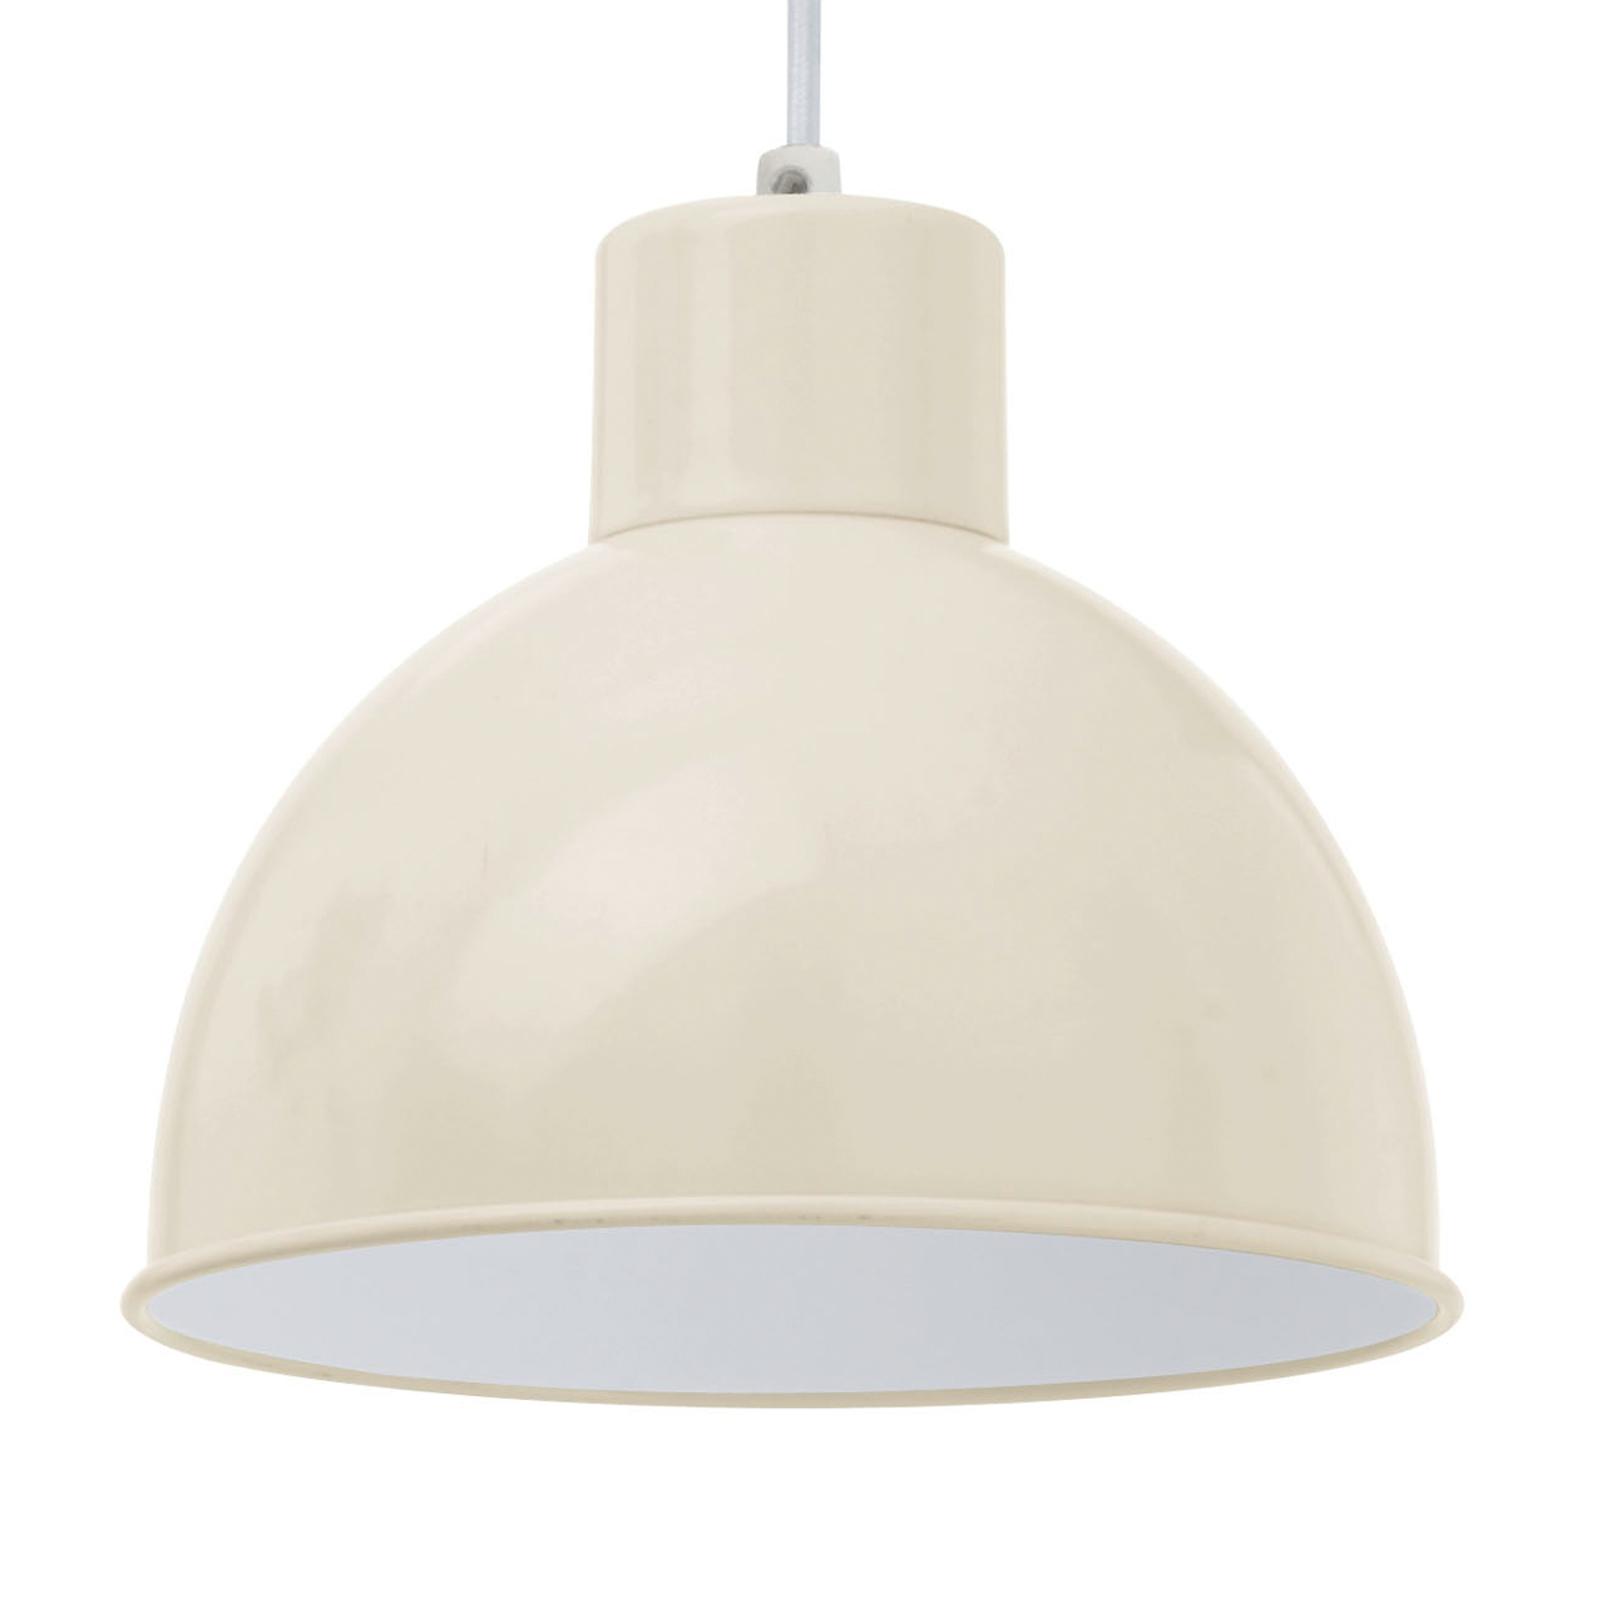 Lámpara colgante arena Andrin, interior blanco